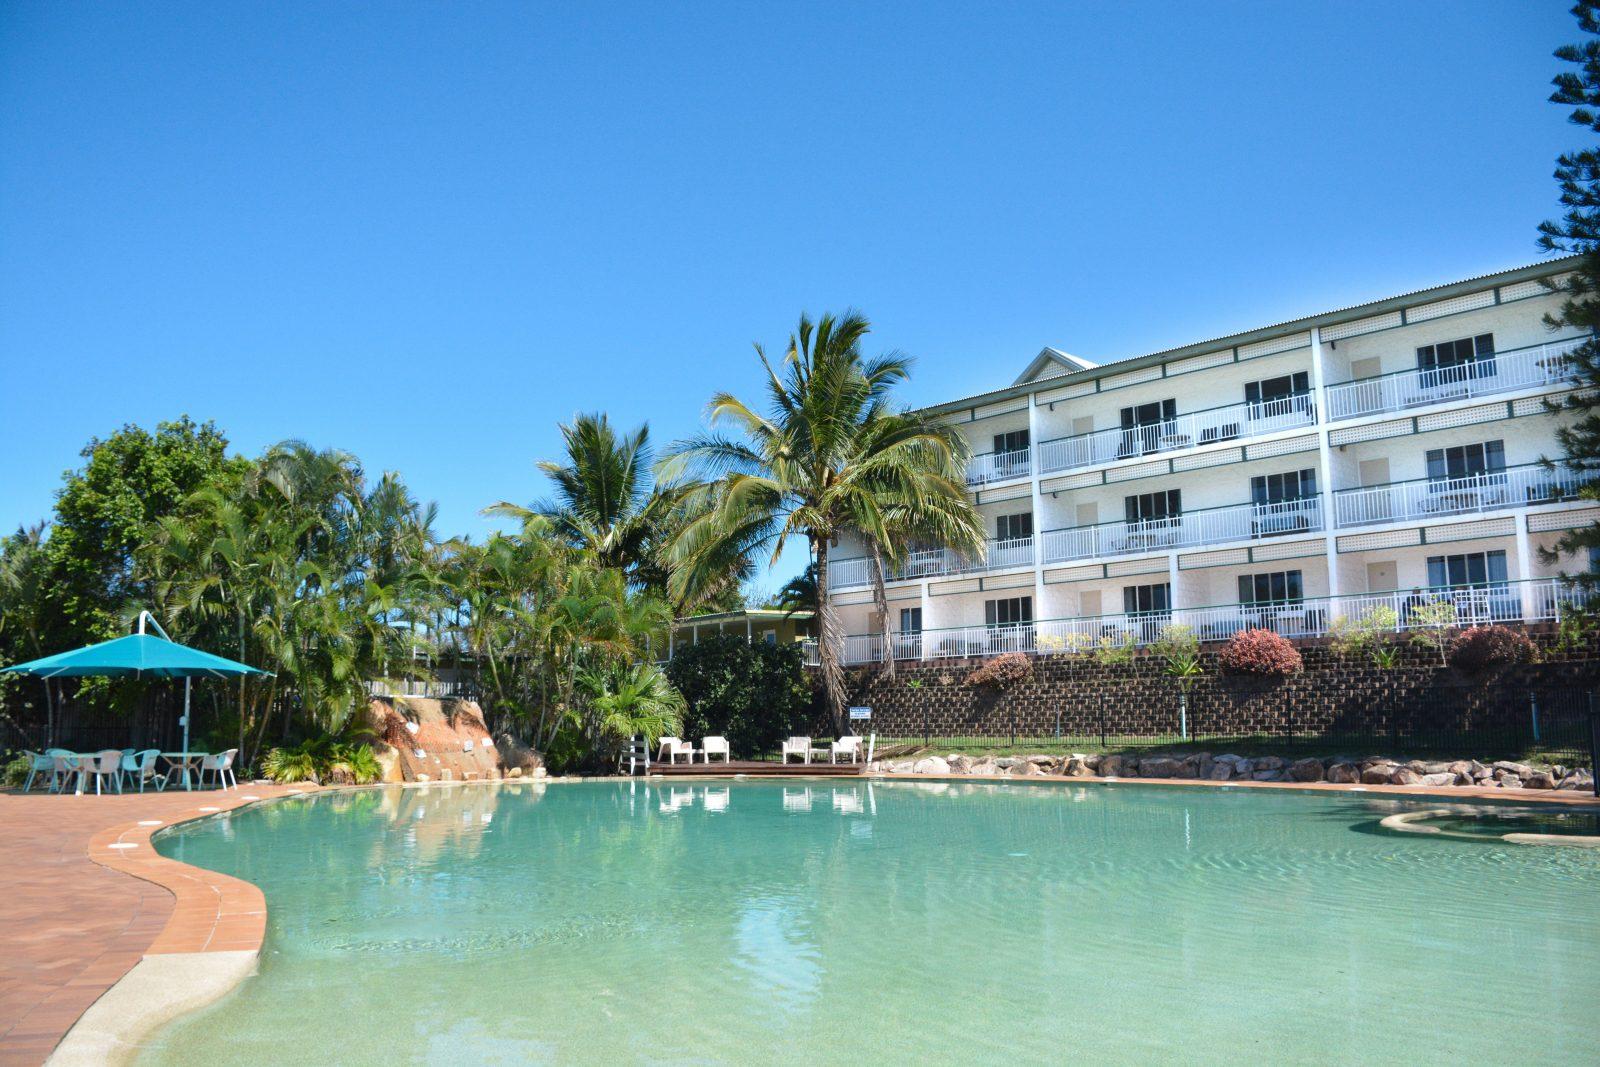 Eurong Beach Resort